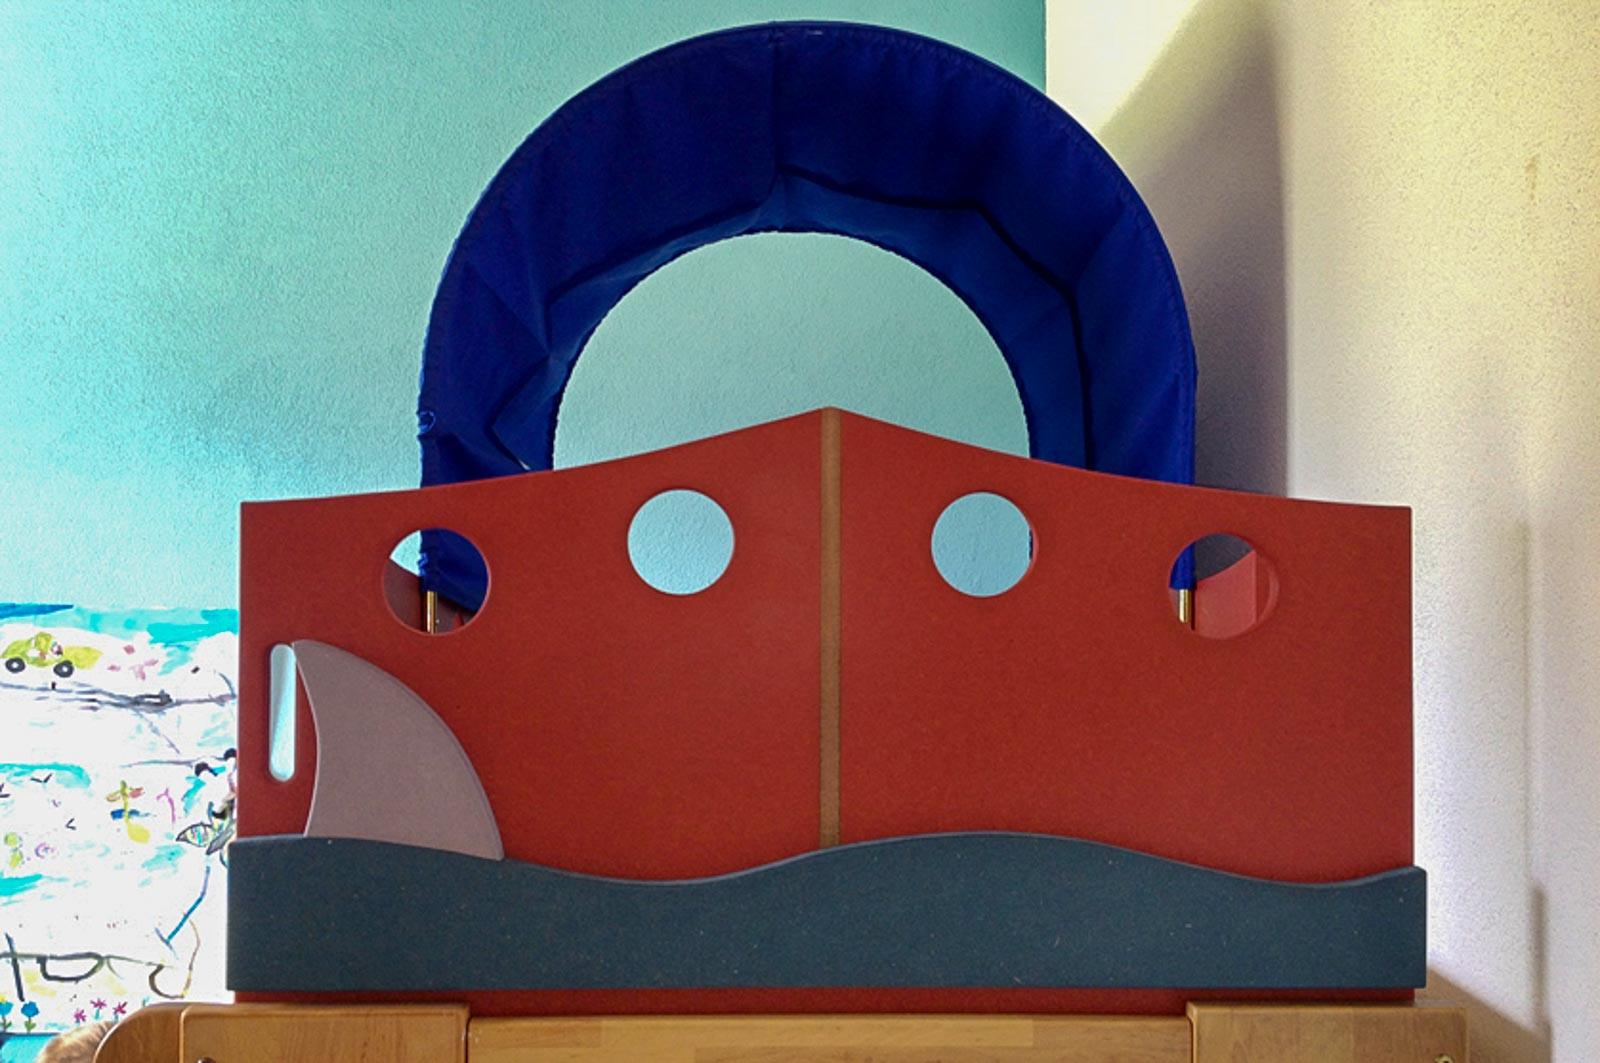 Wooddesign_Kinderzimmer_Kinderbett_Spielzimmer_Schreibtisch-Verstauraum_ Schubladen_Pinwand_Bücherregal (30)